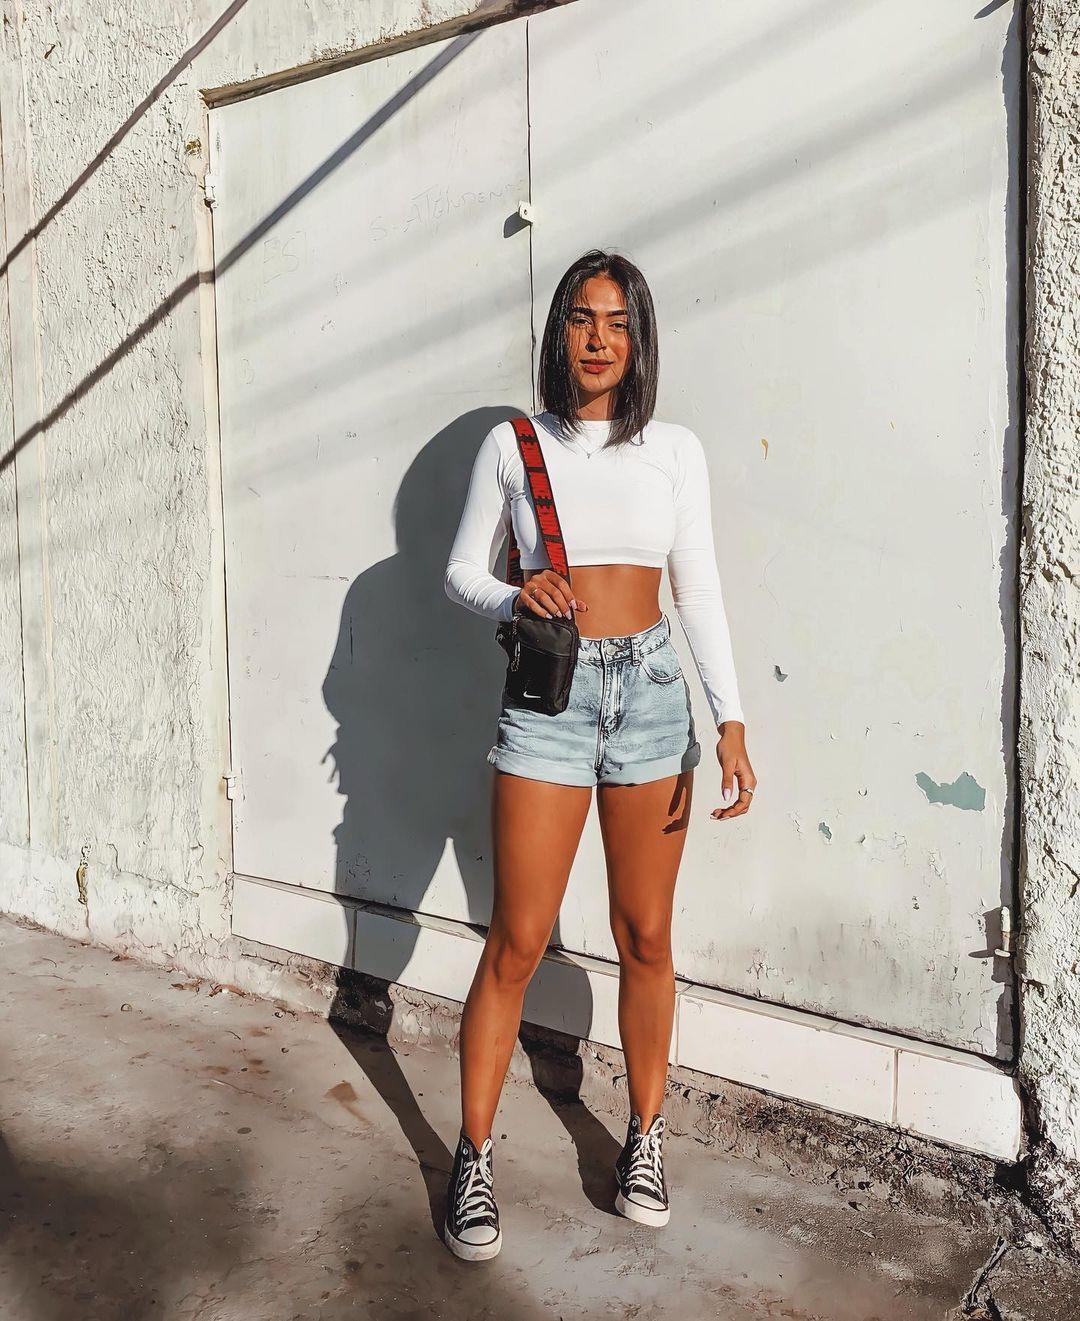 Garota usando top cropped branco de manga longa com short jeans e tênis All Star preto e branco de cano alto. Em pé, ela está segurando uma minibolsa de alça longa em um dos ombros.